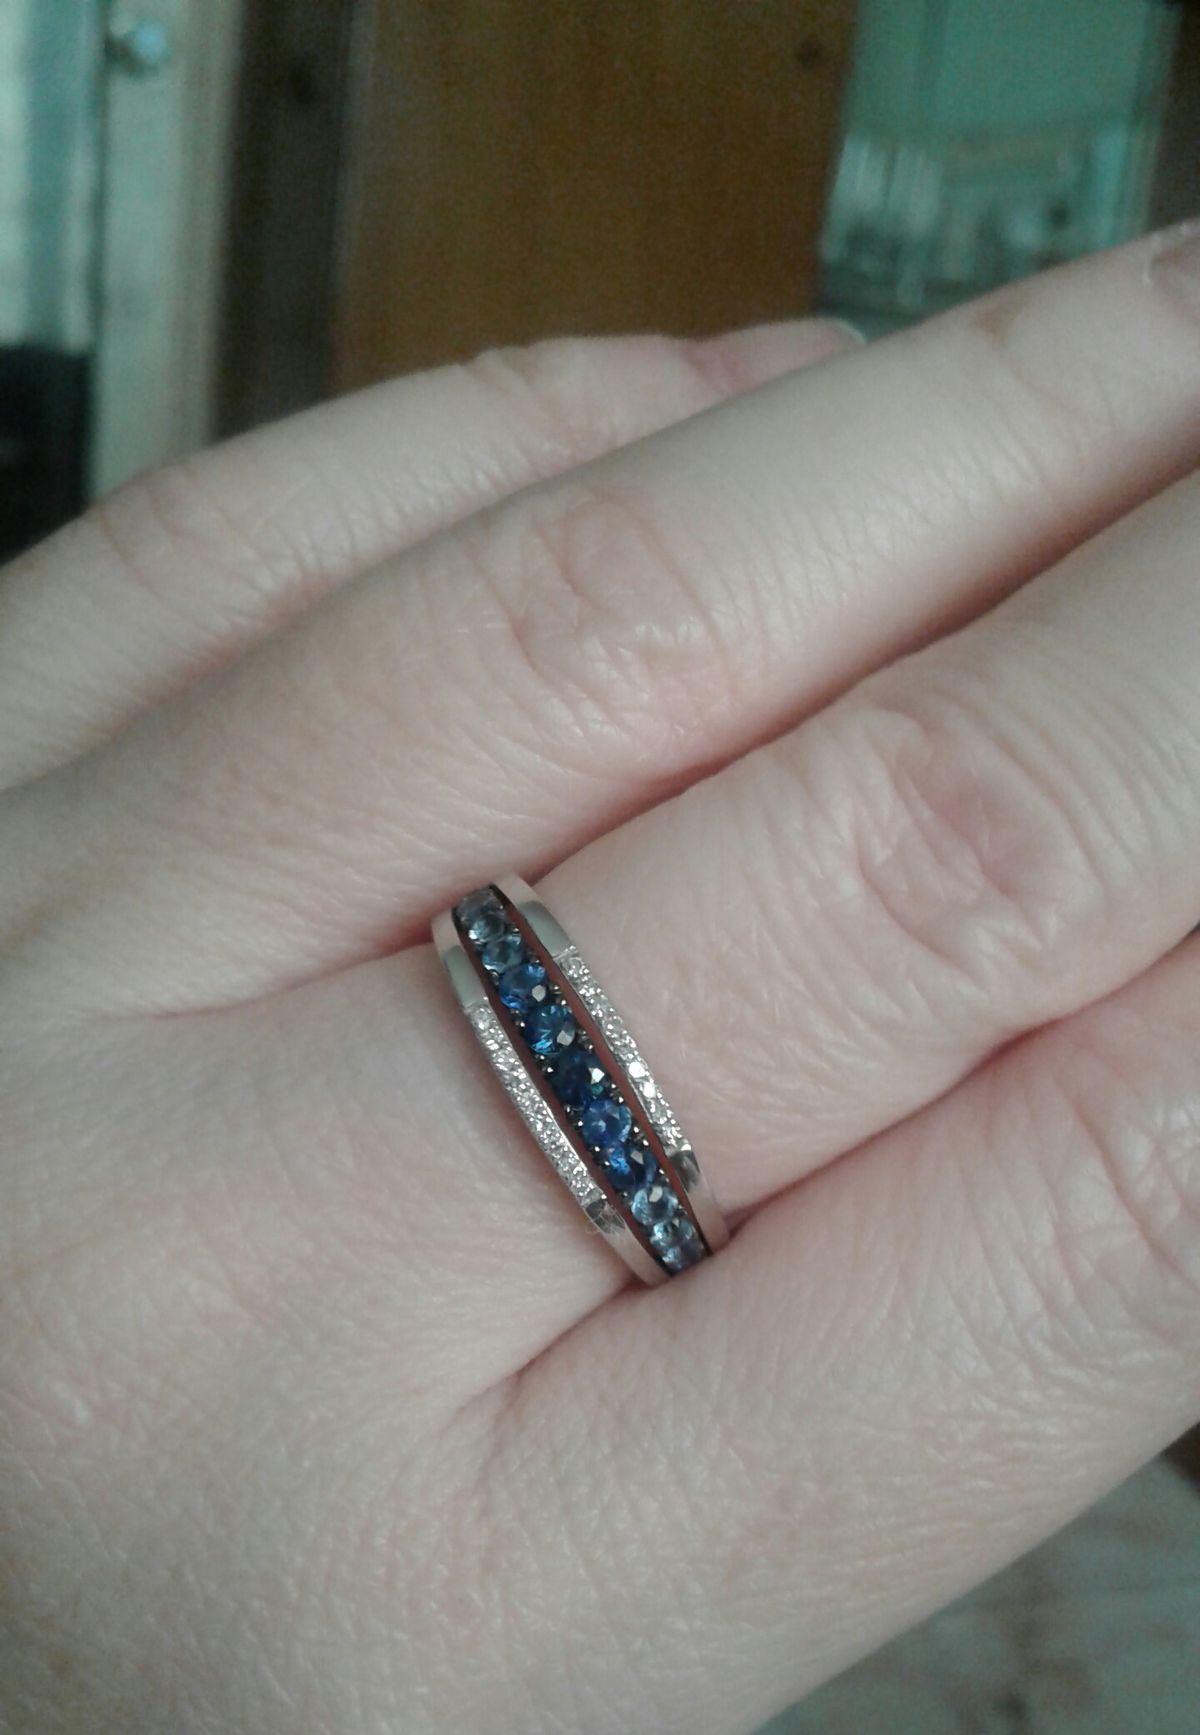 Прелестное колечко с бриллиантами и сапфирами